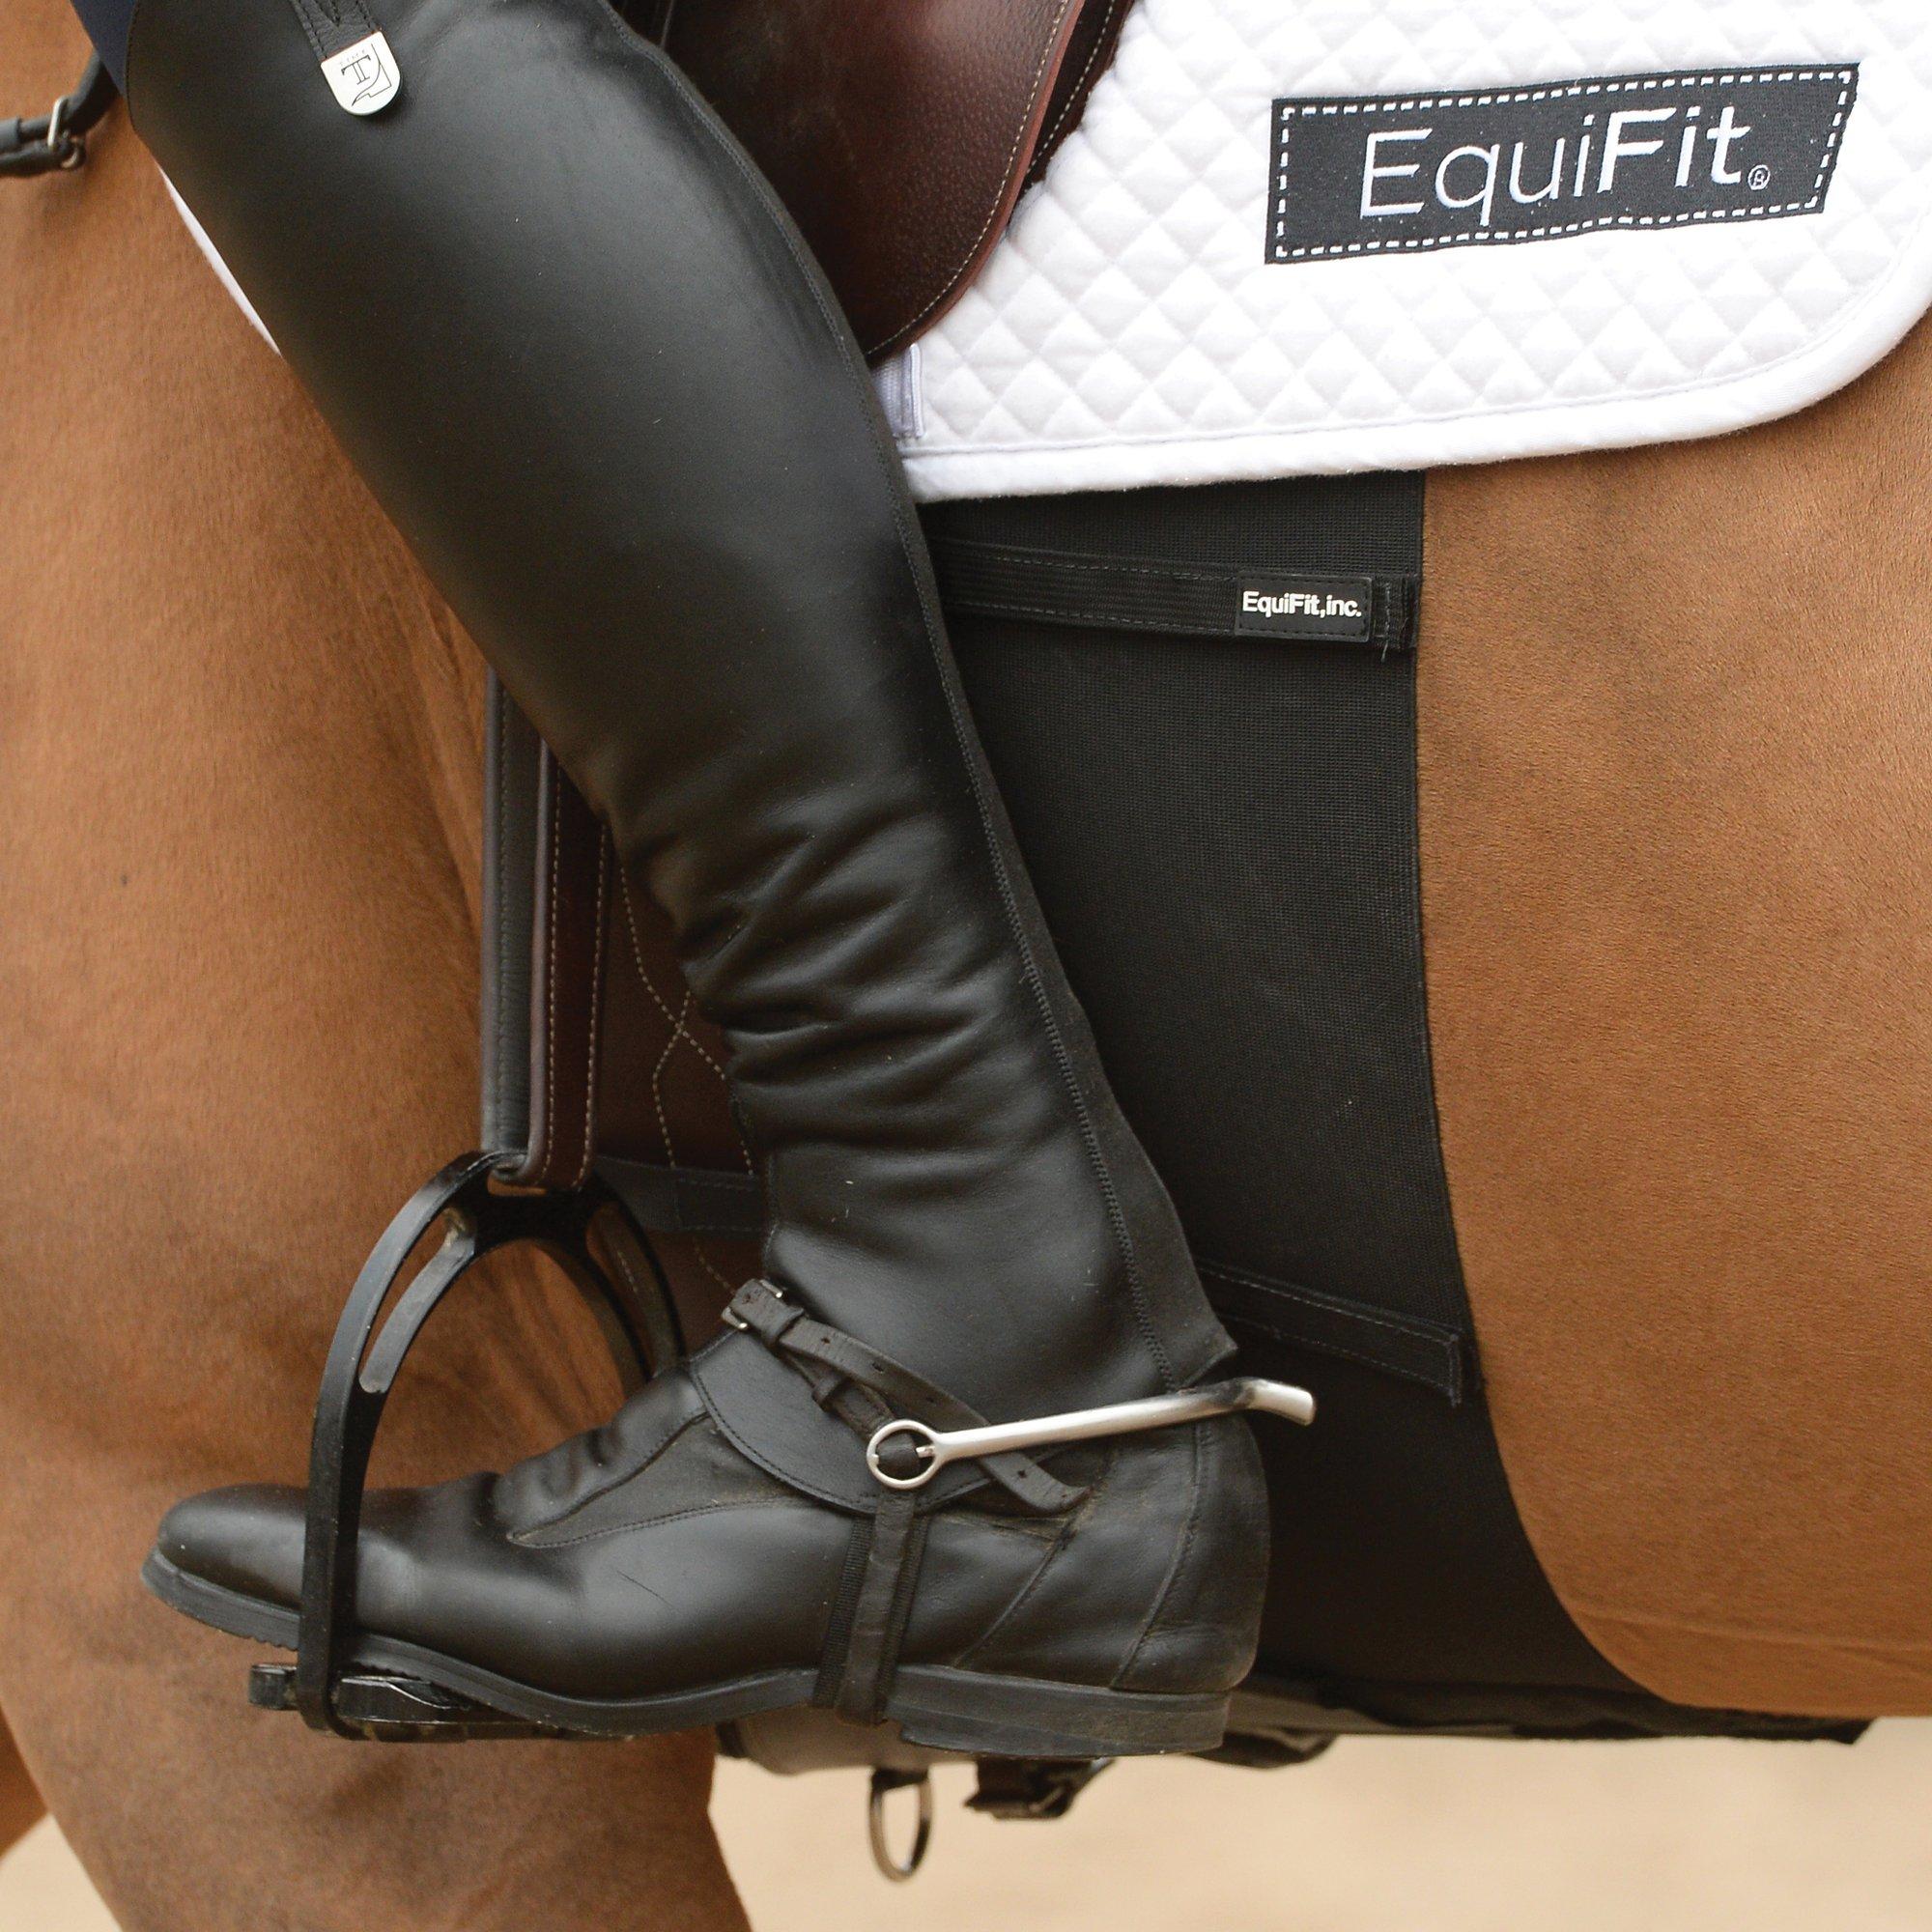 Un caballo marrón con un protector de espuelas. Las espuelas suelen causar rozaduras en la piel del caballo